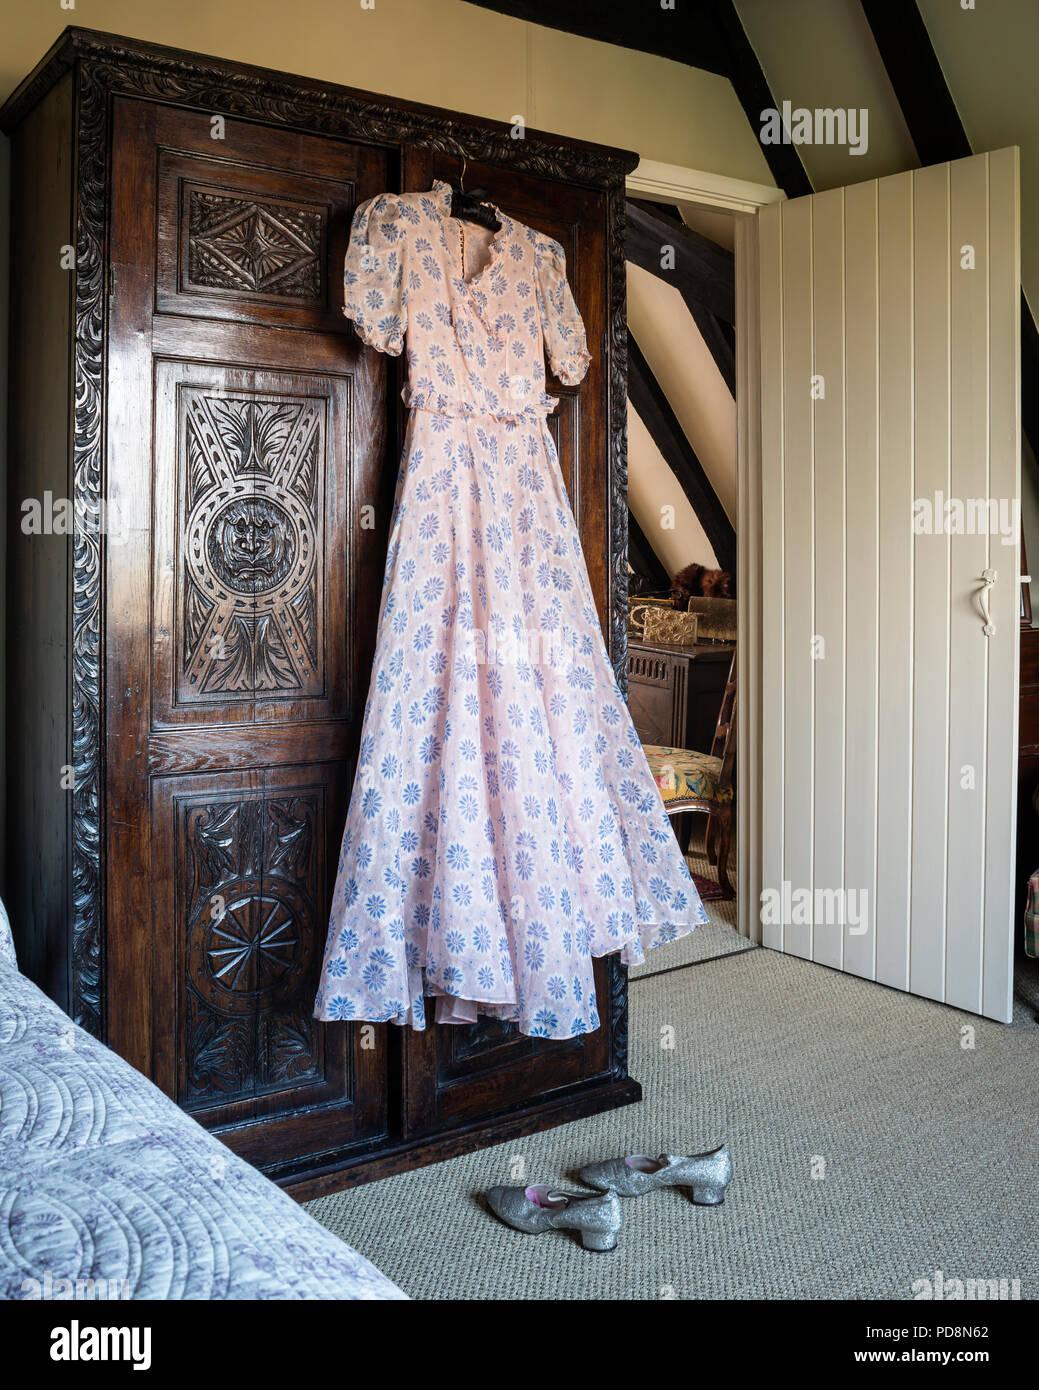 1930s vintage dress hanging on antique carved oak wardrobe - Stock Image